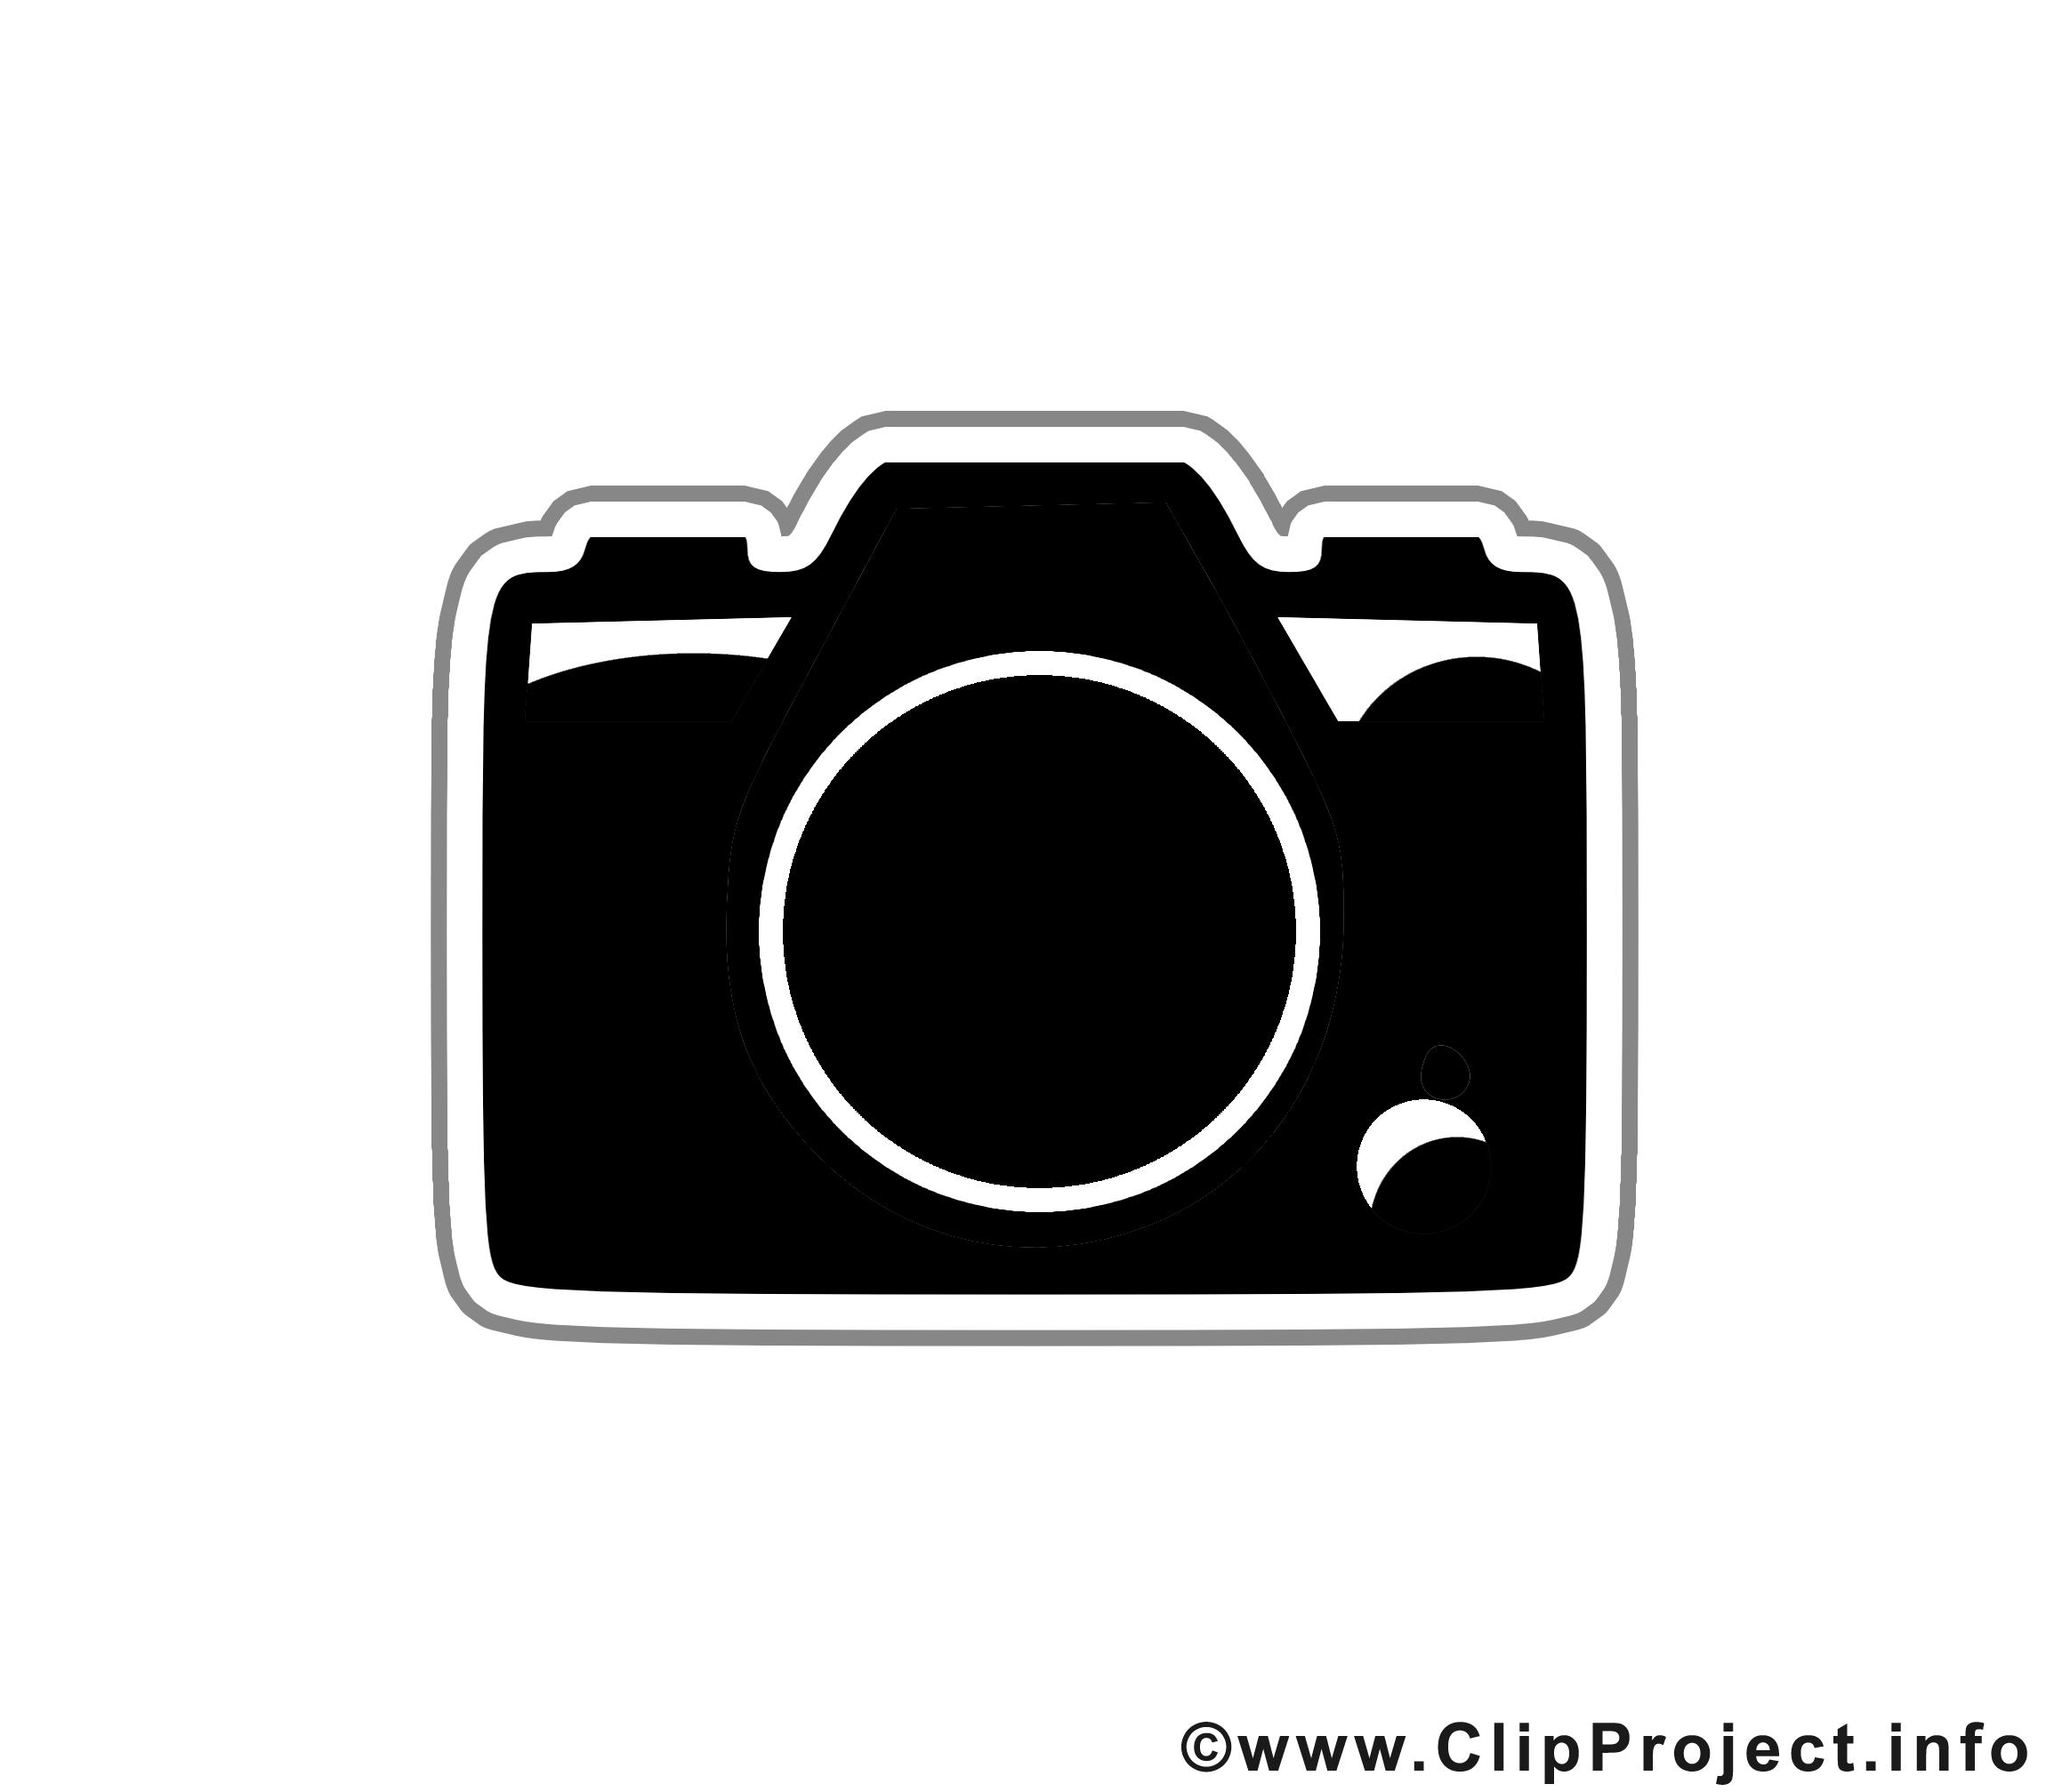 Appareil photo image - Noir et blanc clipart